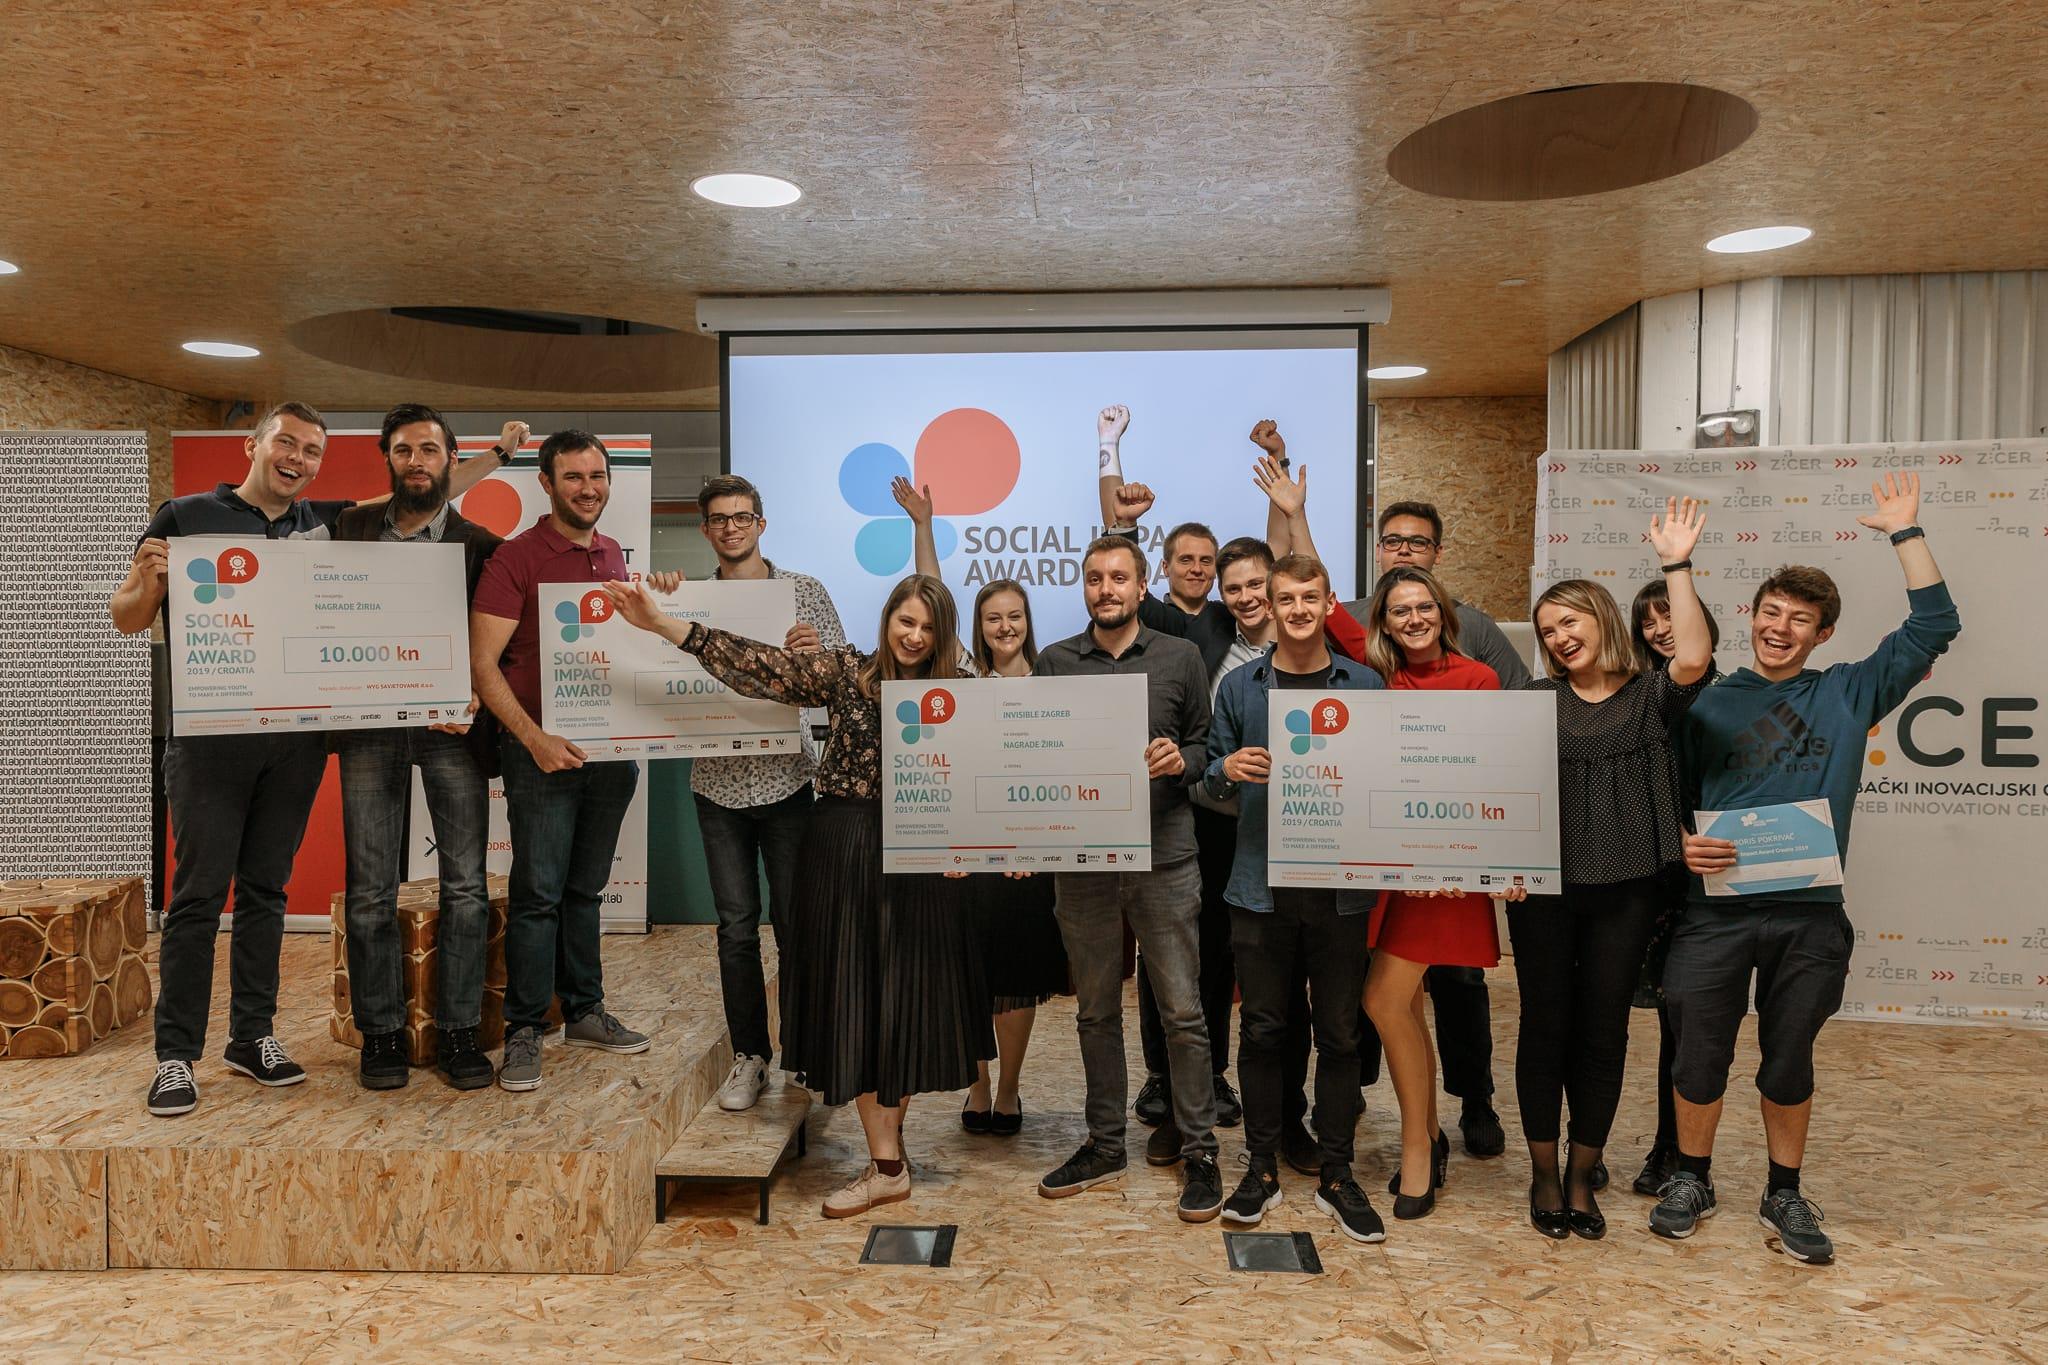 All photos: Social Impact Award